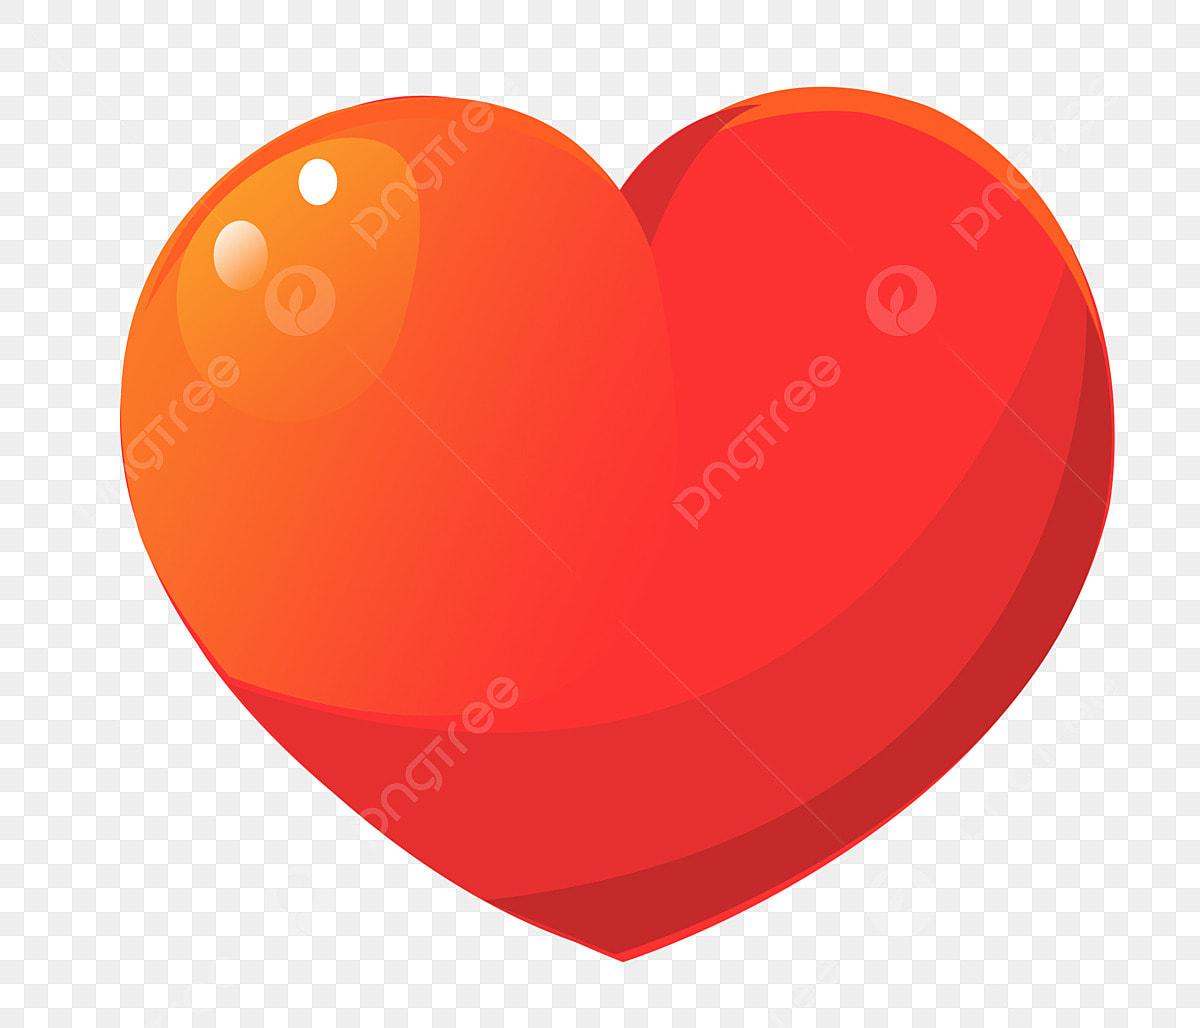 قلب أحمر كارتون قلب أحمر من ناحية رسم قلب أحمر من ناحية رسم الكرتون قلب أحمر من ناحية رسم الكرتون قلب أحمر تعادل Png وملف Psd للتحميل مجانا